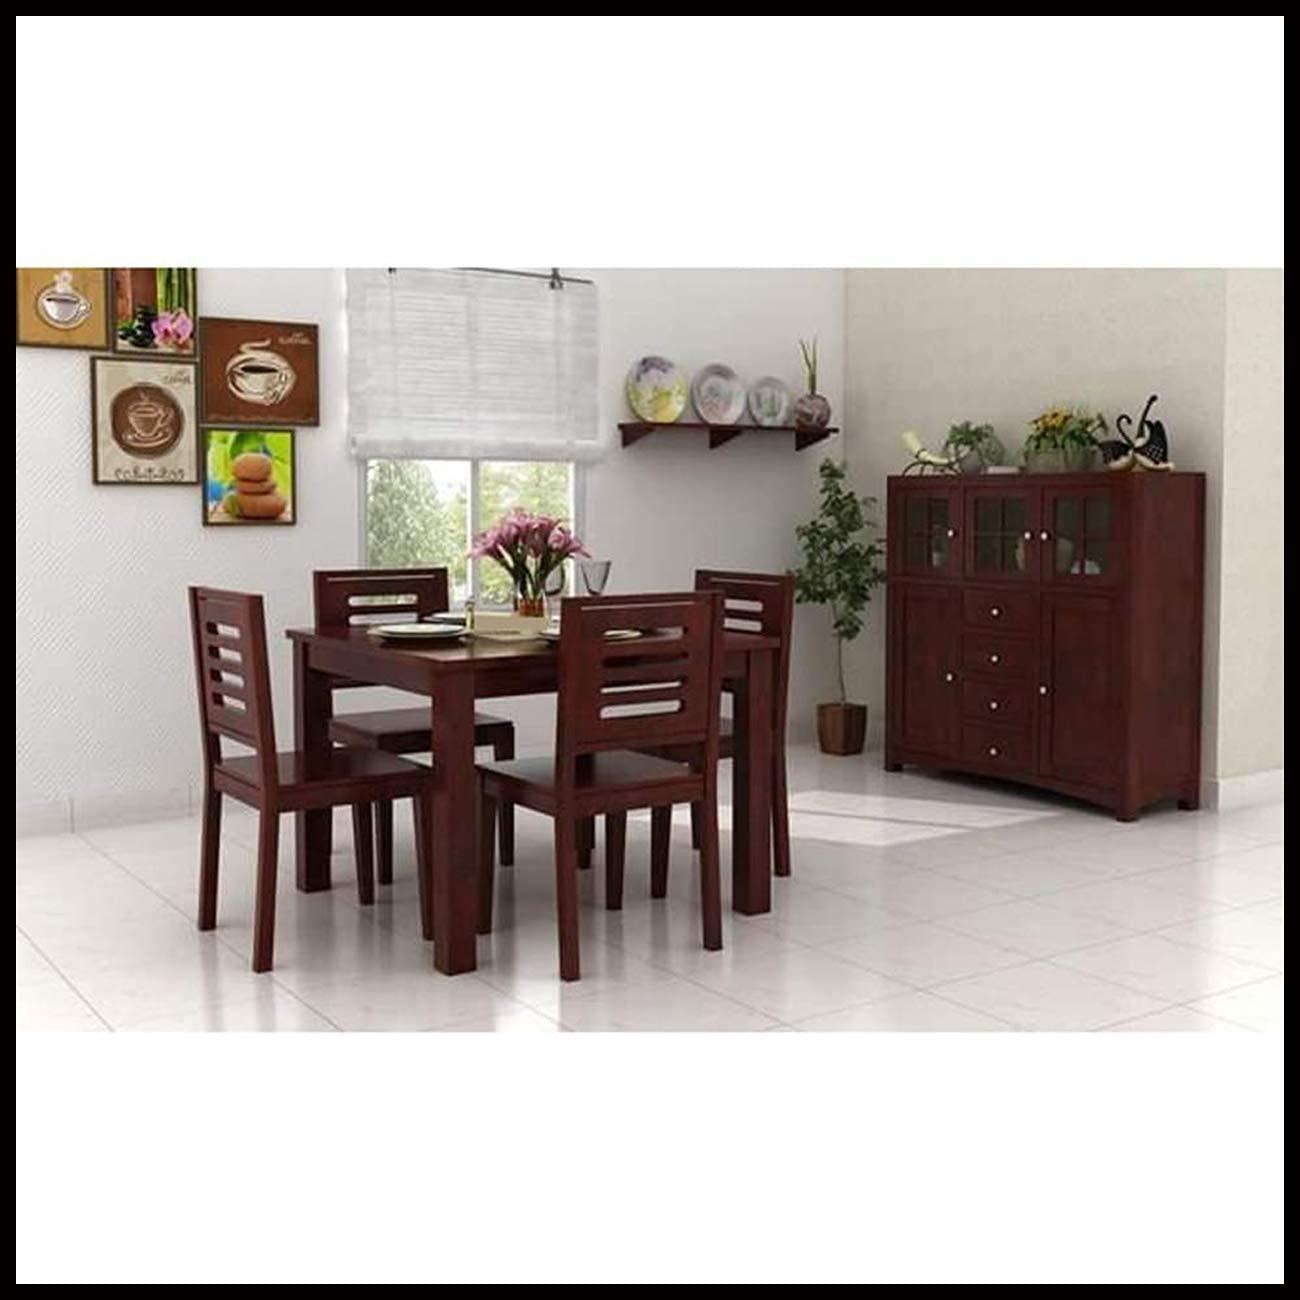 AASALIYA Solid Sheesham Wood Wooden Dining Table with 4 Chairs   4 Seater Dining Set   Wooden Dining Table with Chair – Dining Room Furniture  …